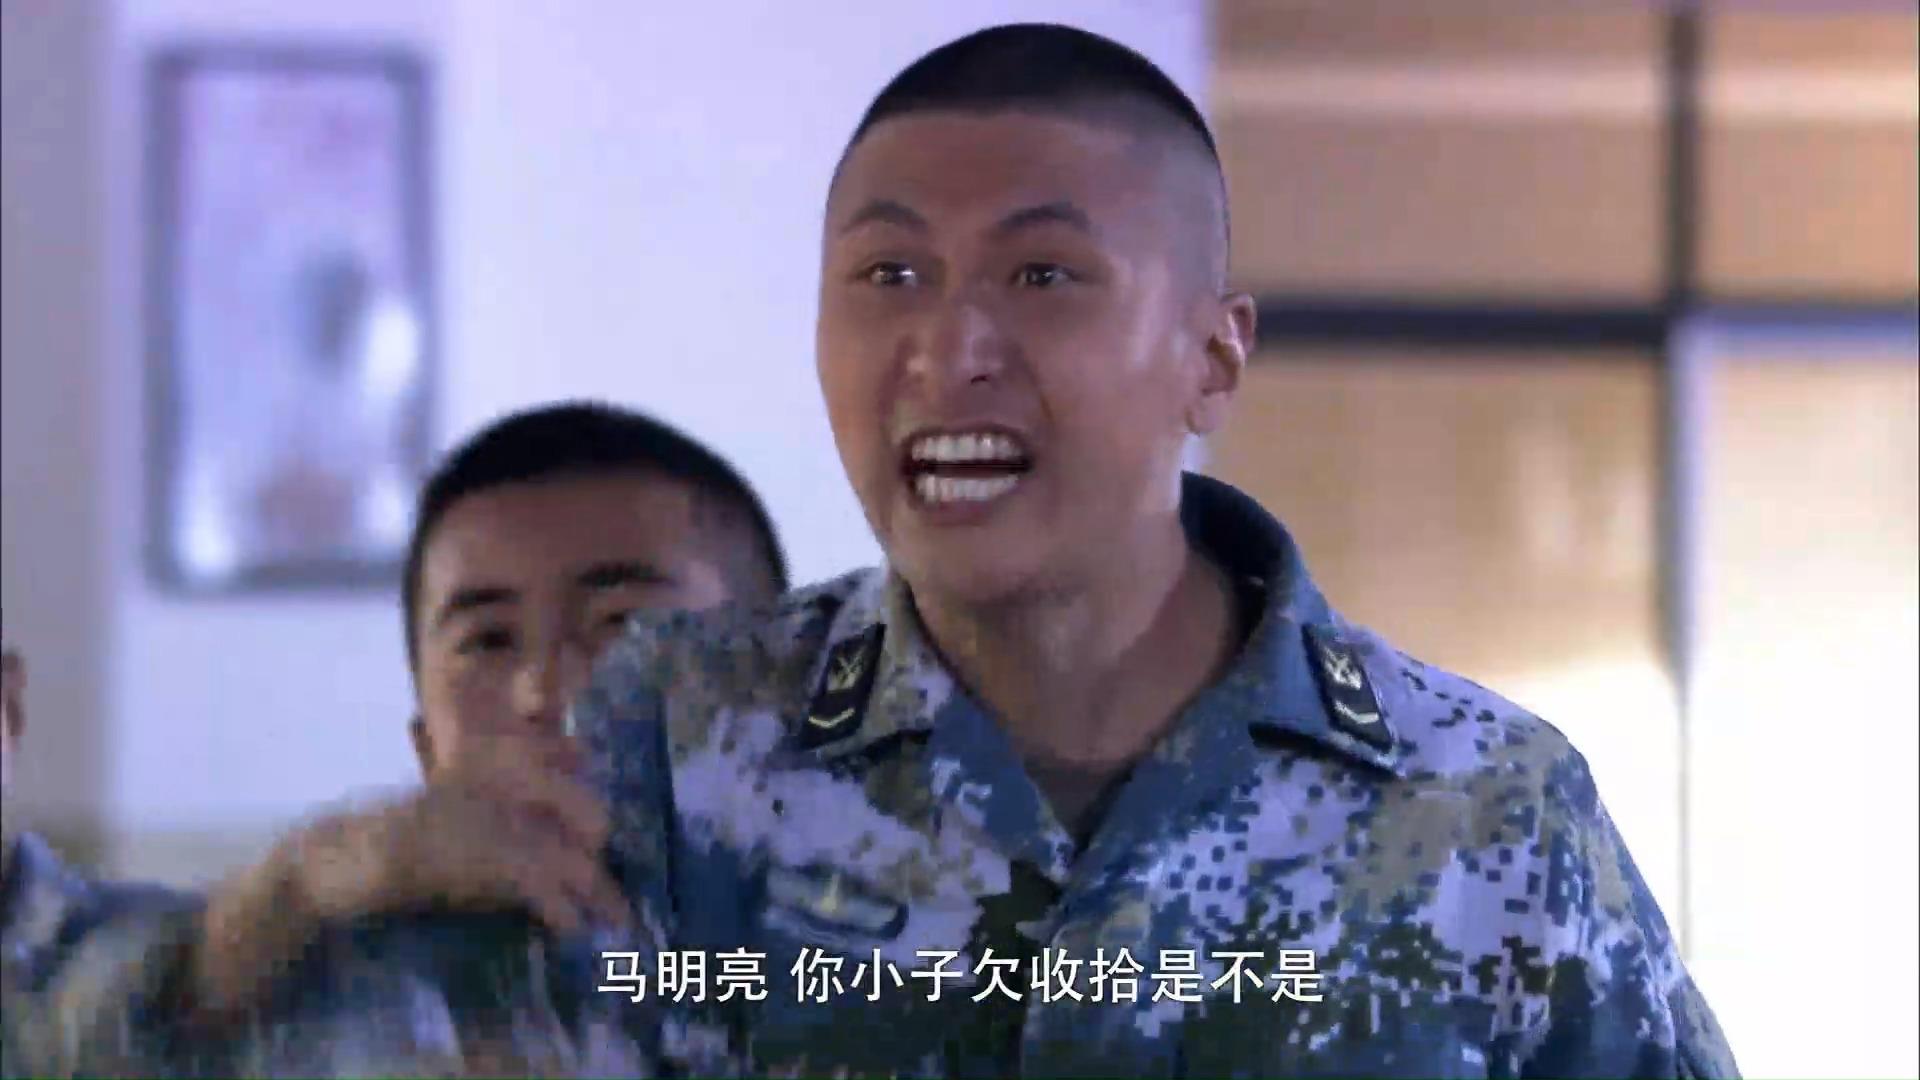 火蓝刀锋:士兵不懂火蓝匕首的特殊意义,竟然还起争执!